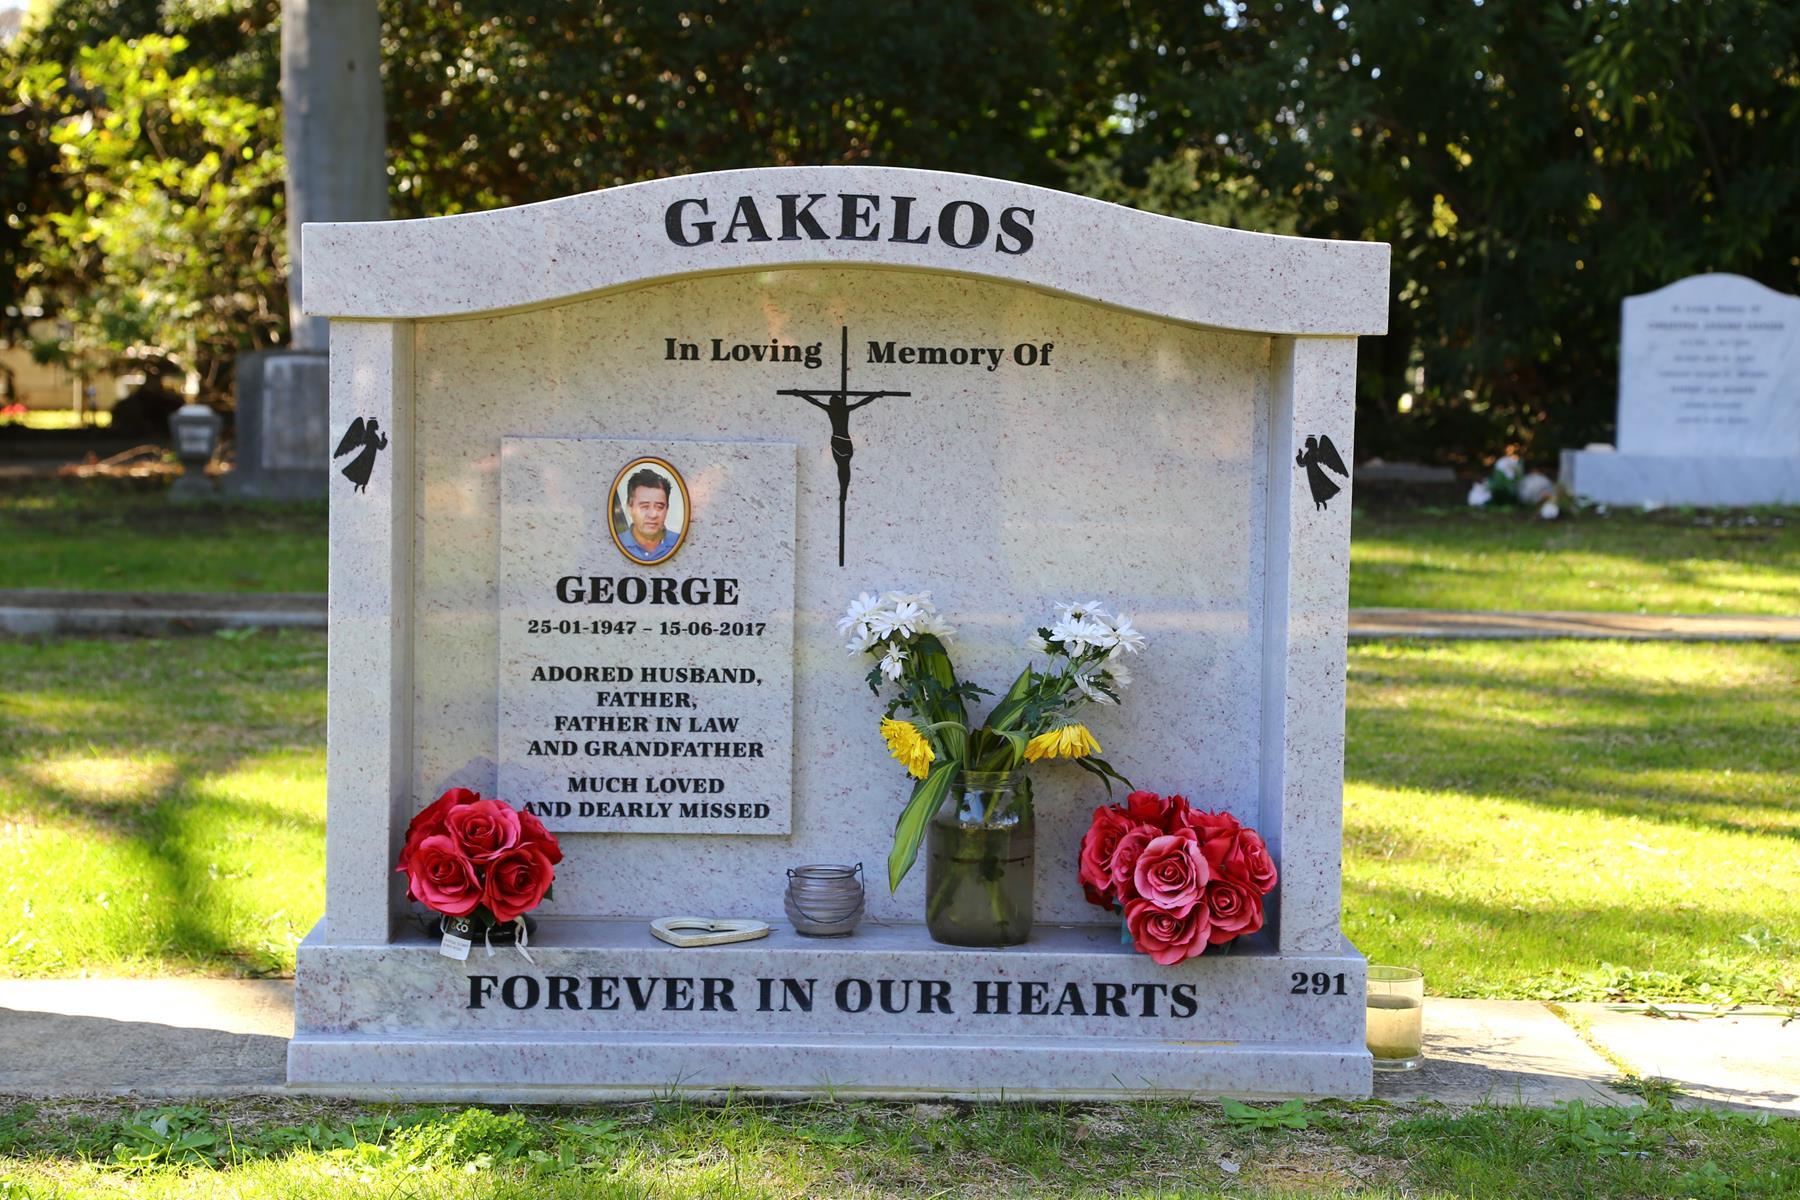 Gakelos